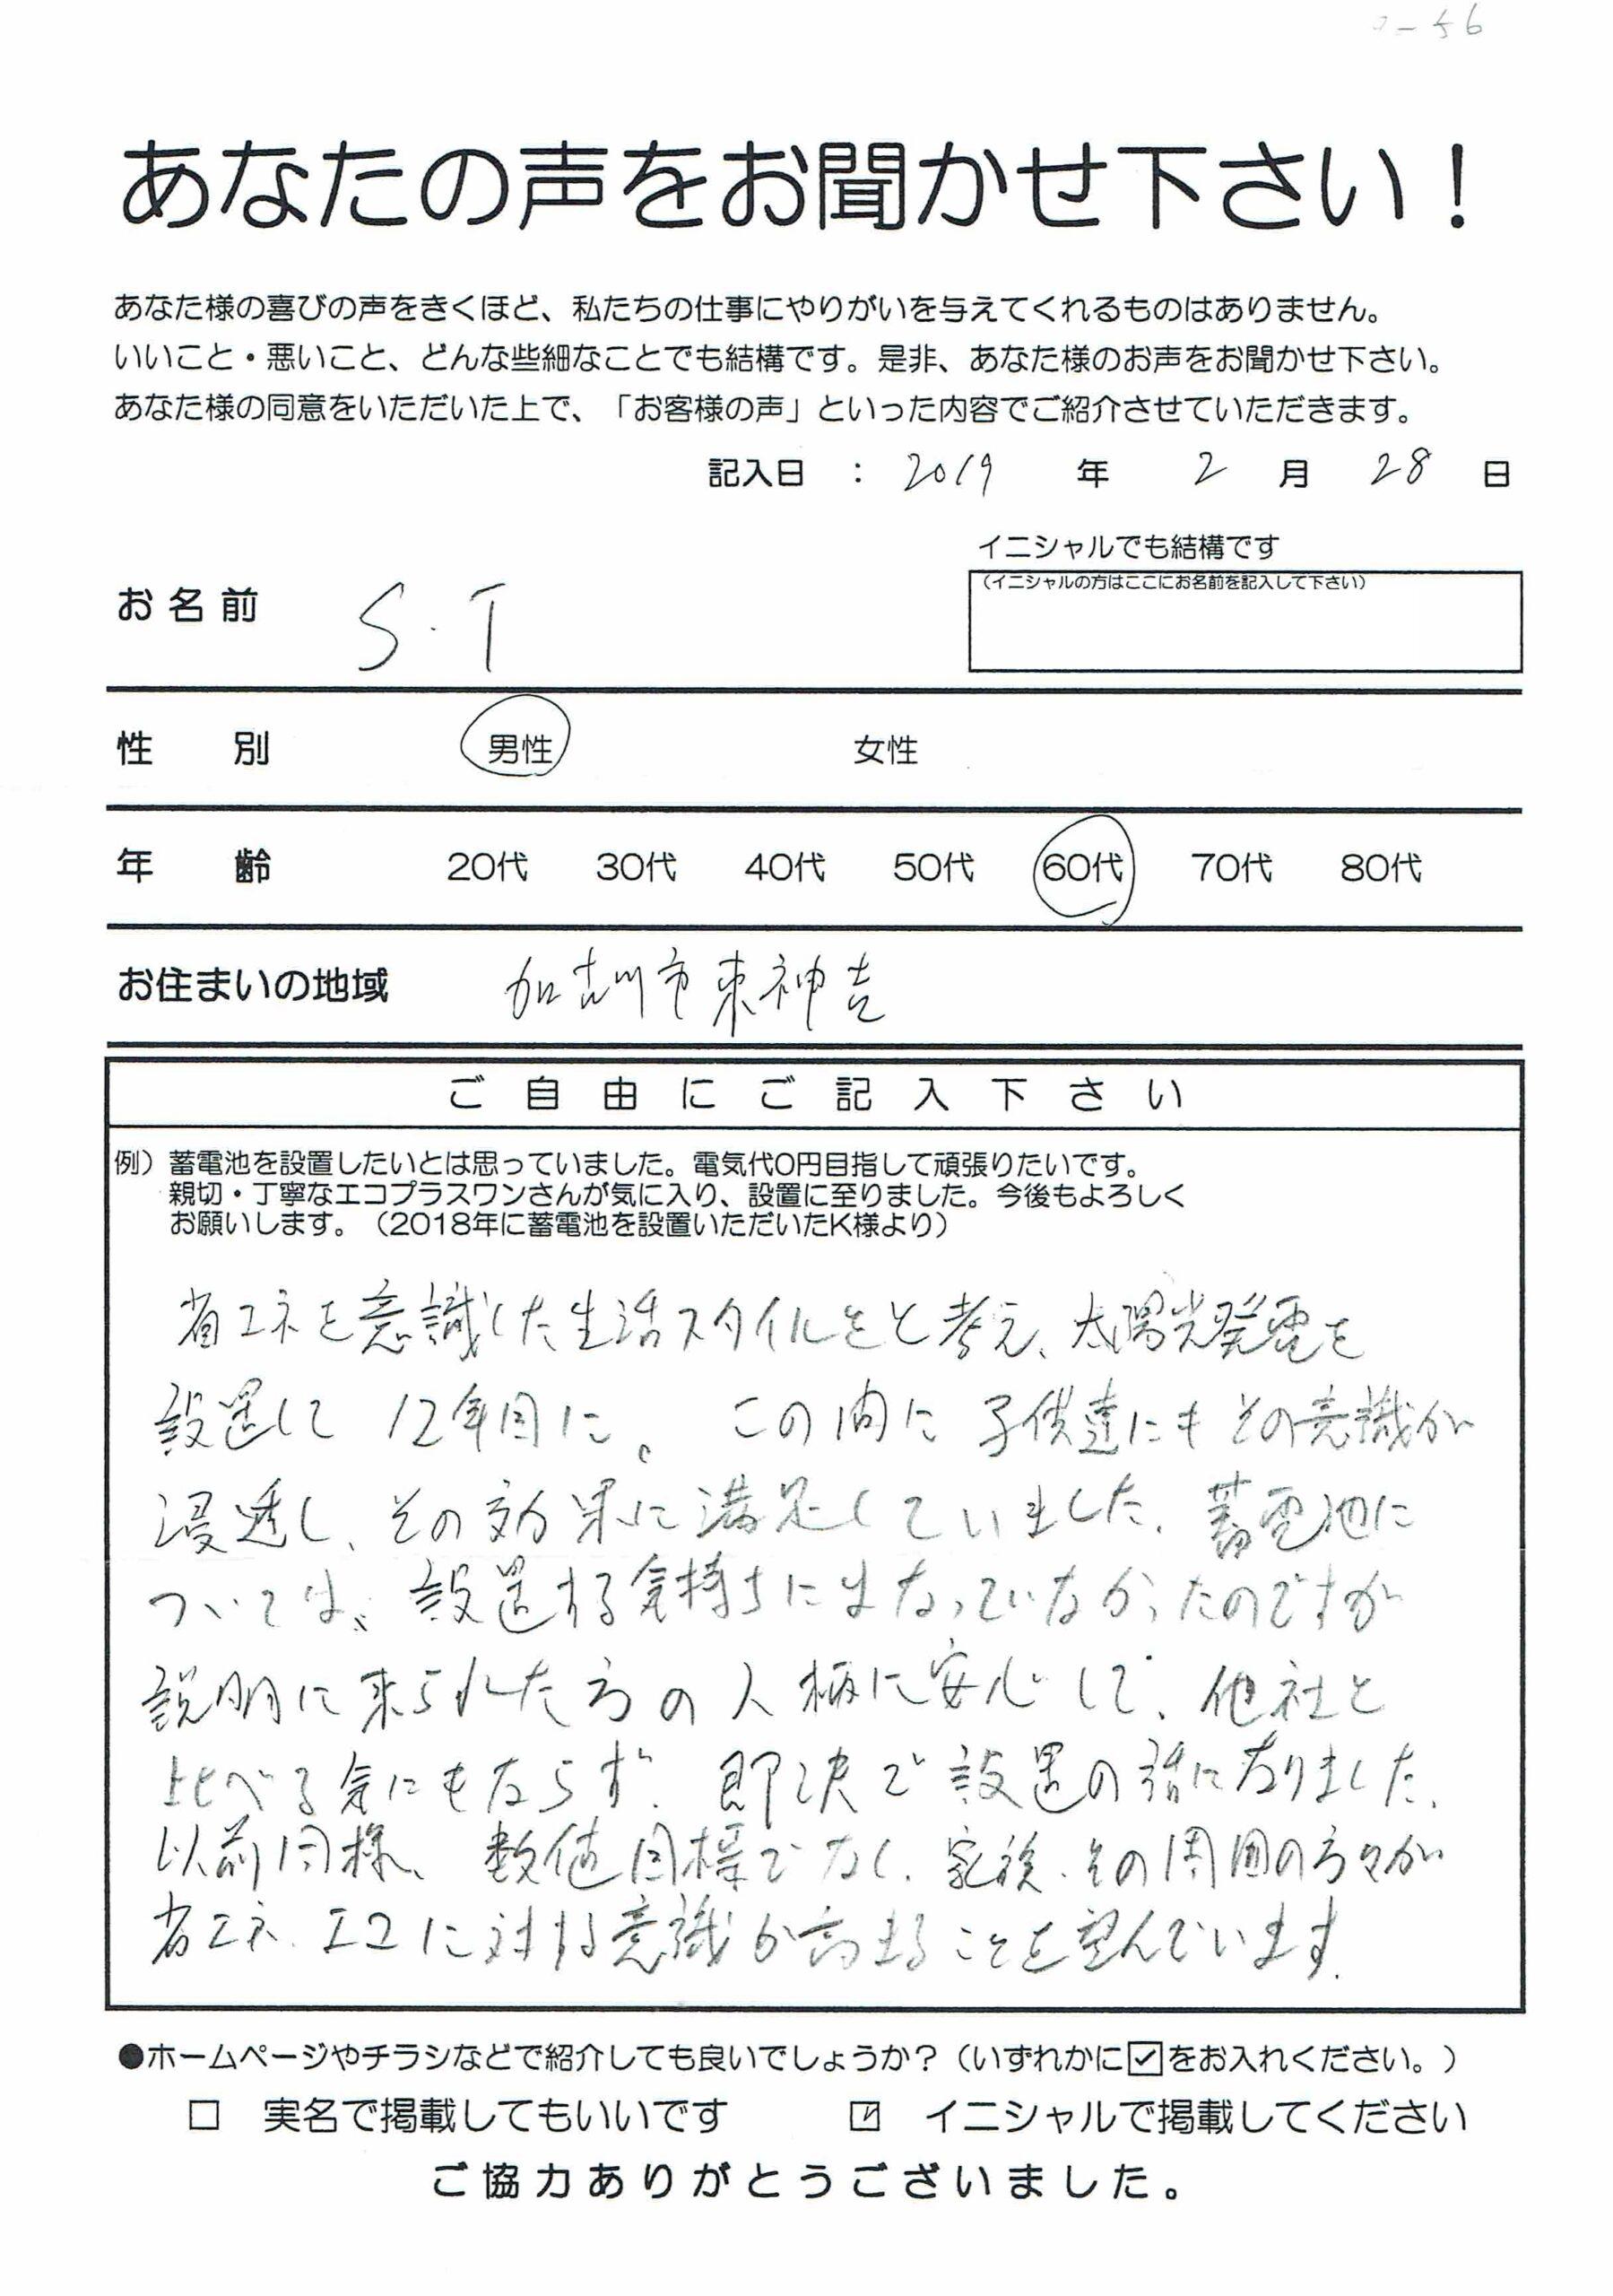 【加古川市・60代】S.T様